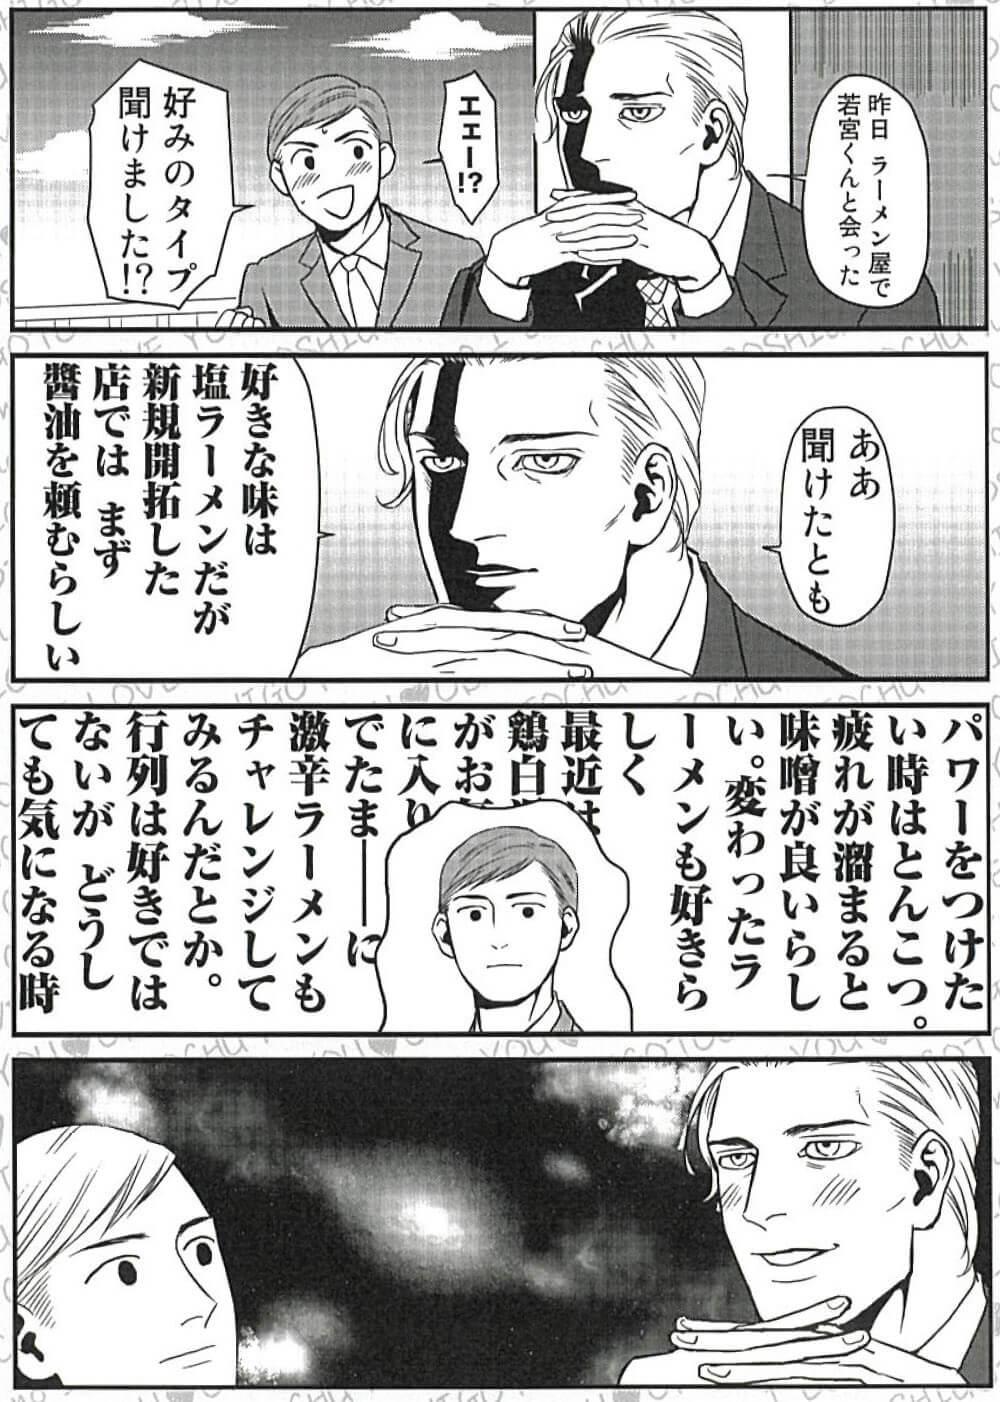 上司が新入社員に恋する漫画2-2